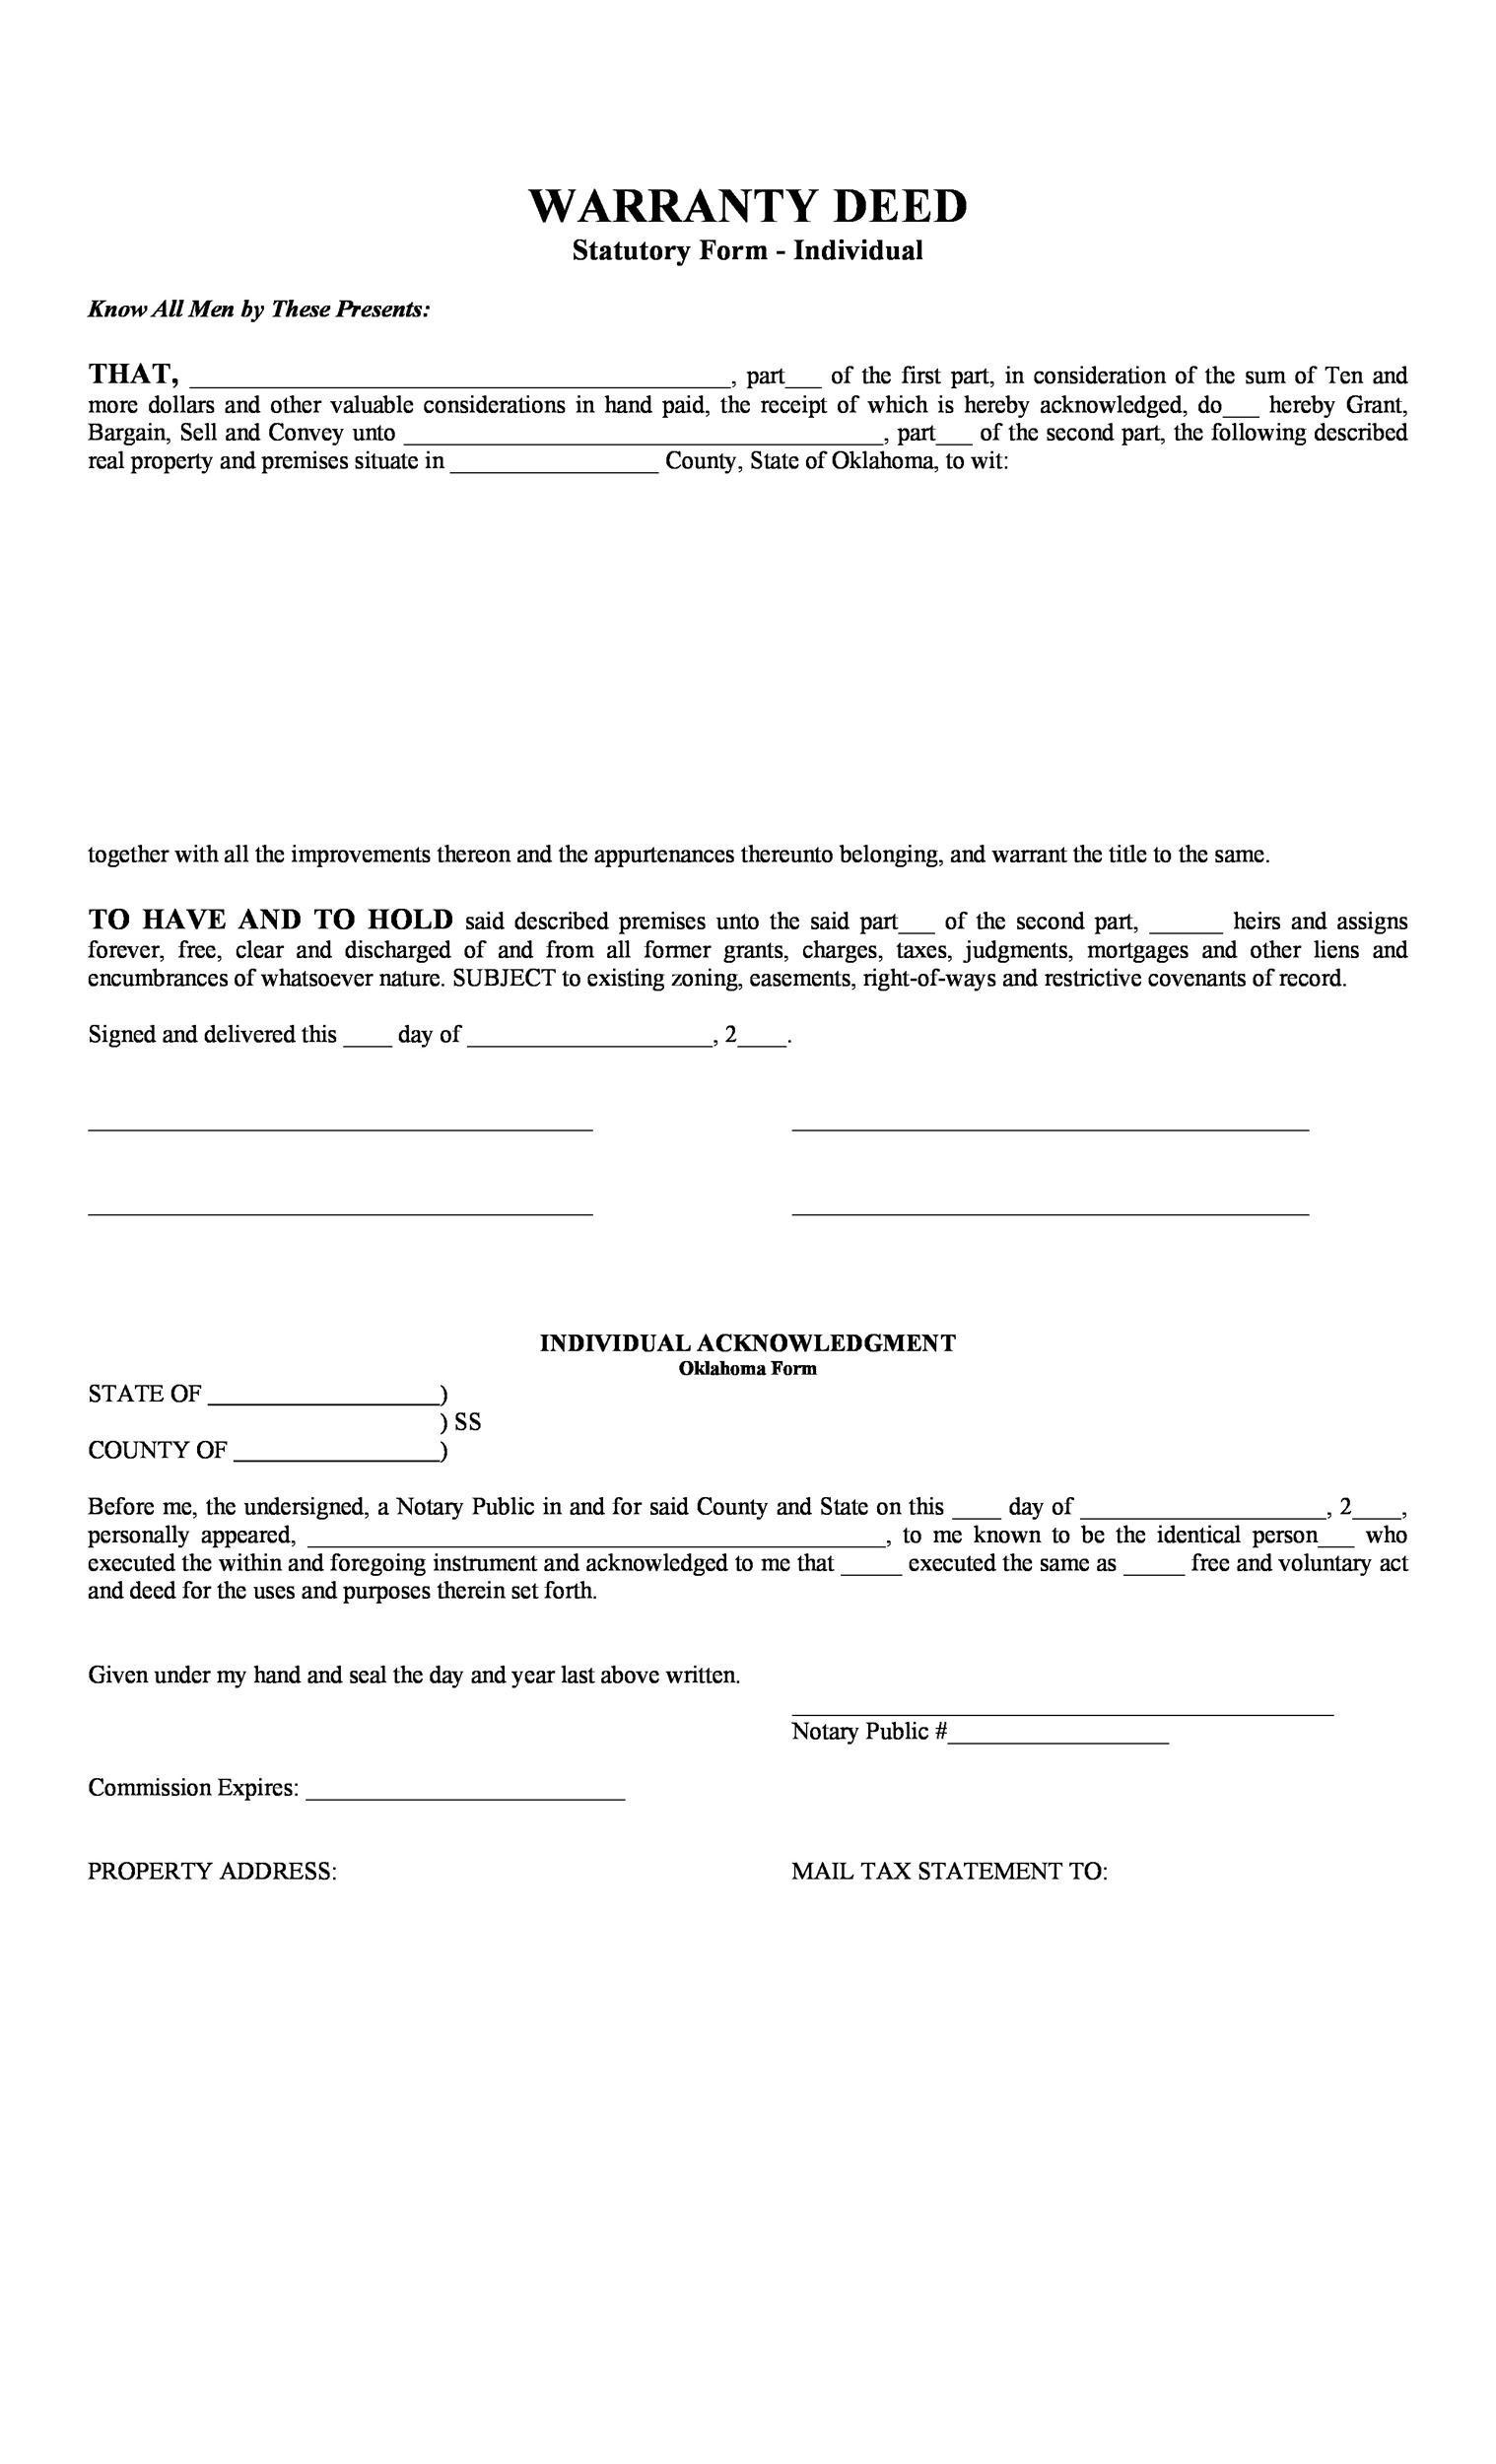 Free Warranty deed template 13